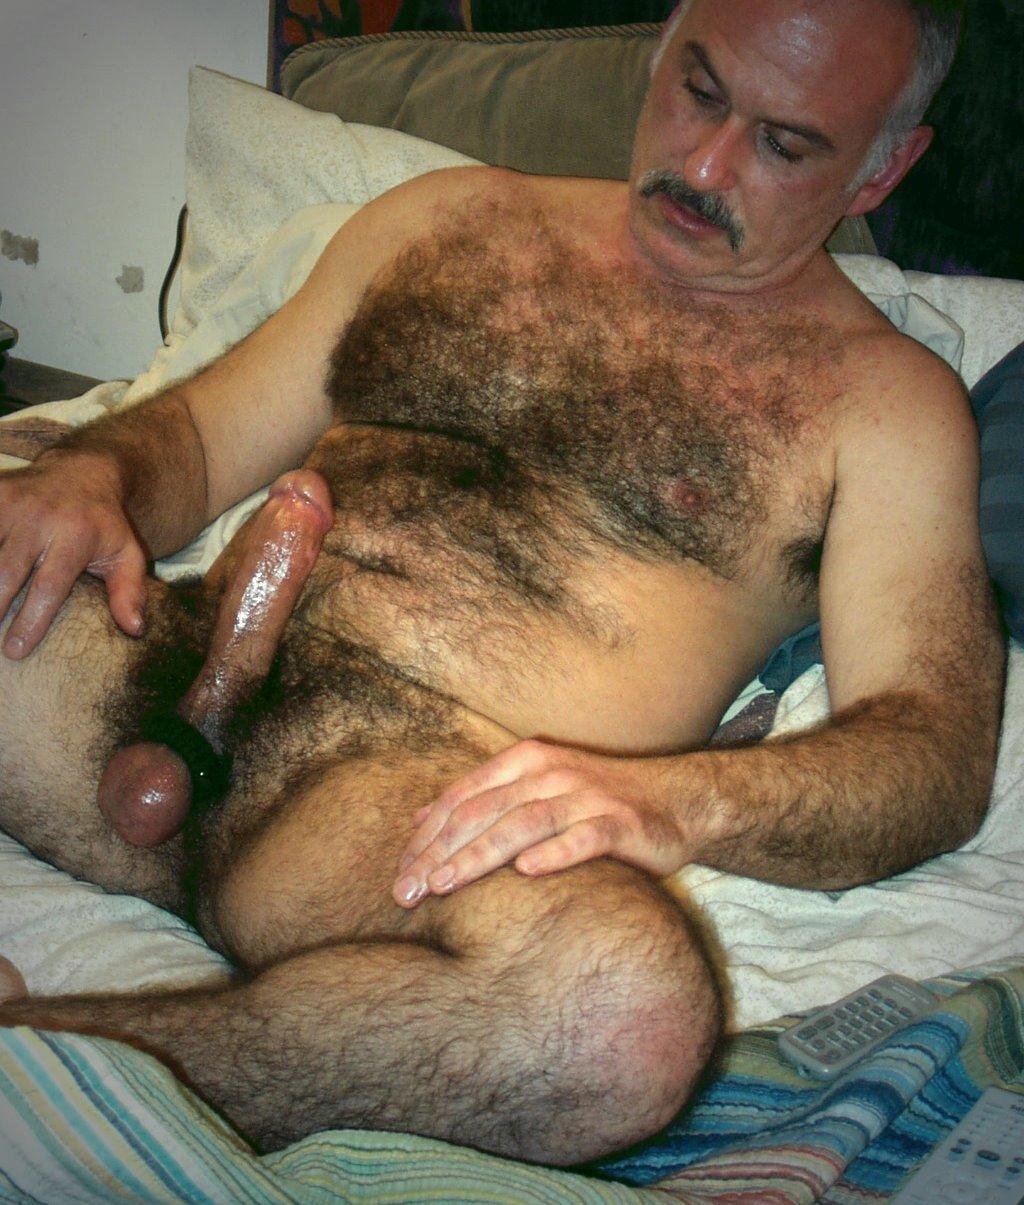 delgado peludo, vídeos porno gay de delgado peludo